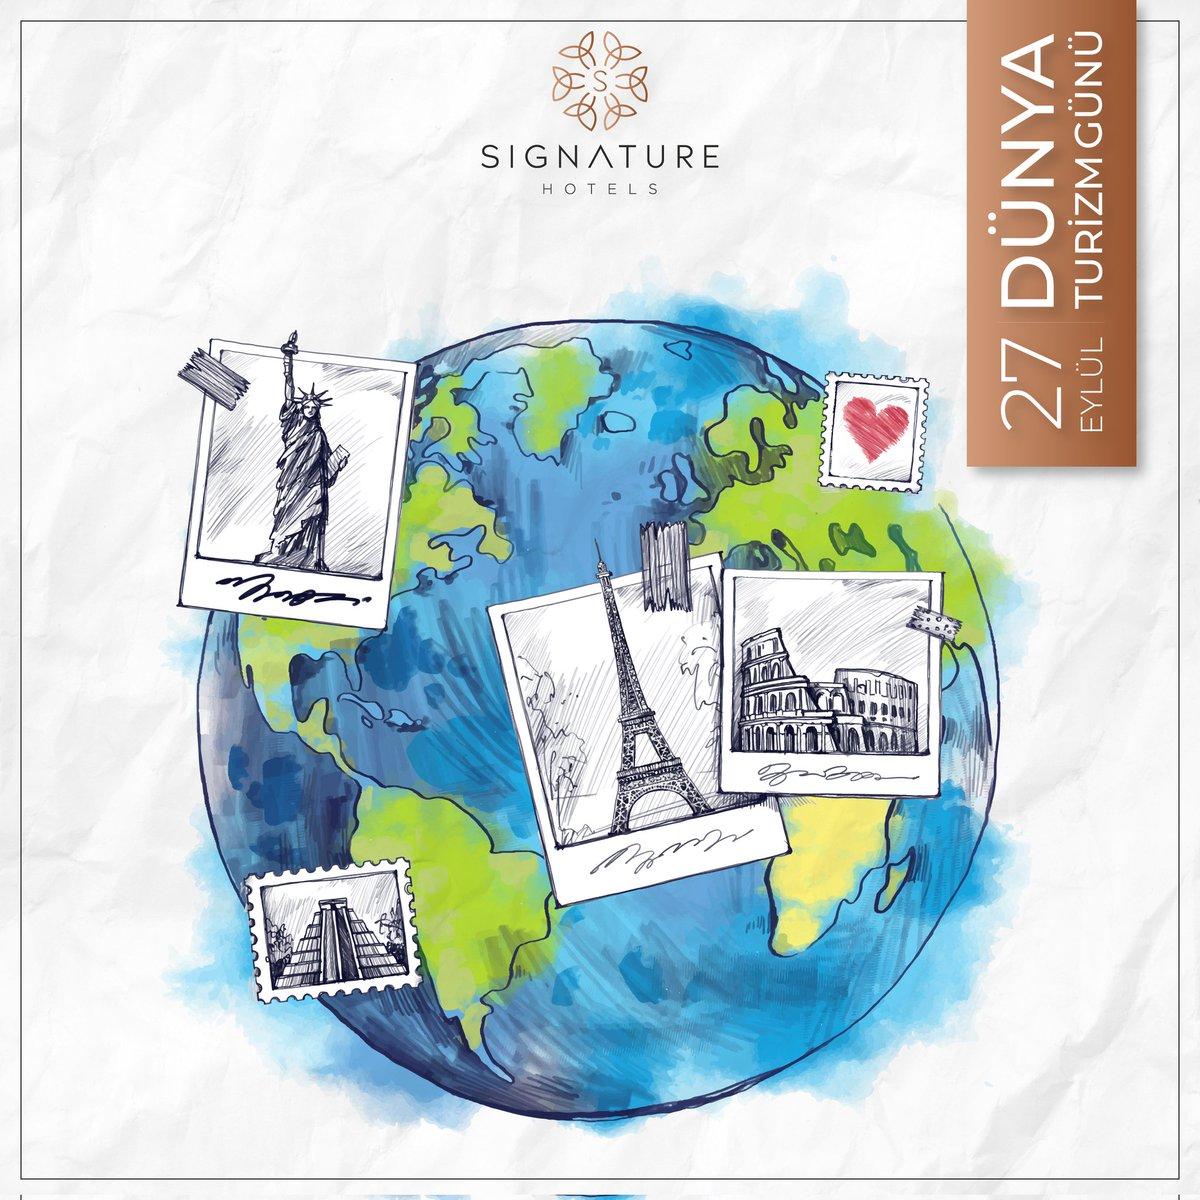 Yeni kültürleri bizlere yaşatan, kişileri özgürleştiren, hayatı farklı kılan;  Dünya Turizm Günü Kutlu Olsun.  #SignatureHotels #DünyaTurizmGünü